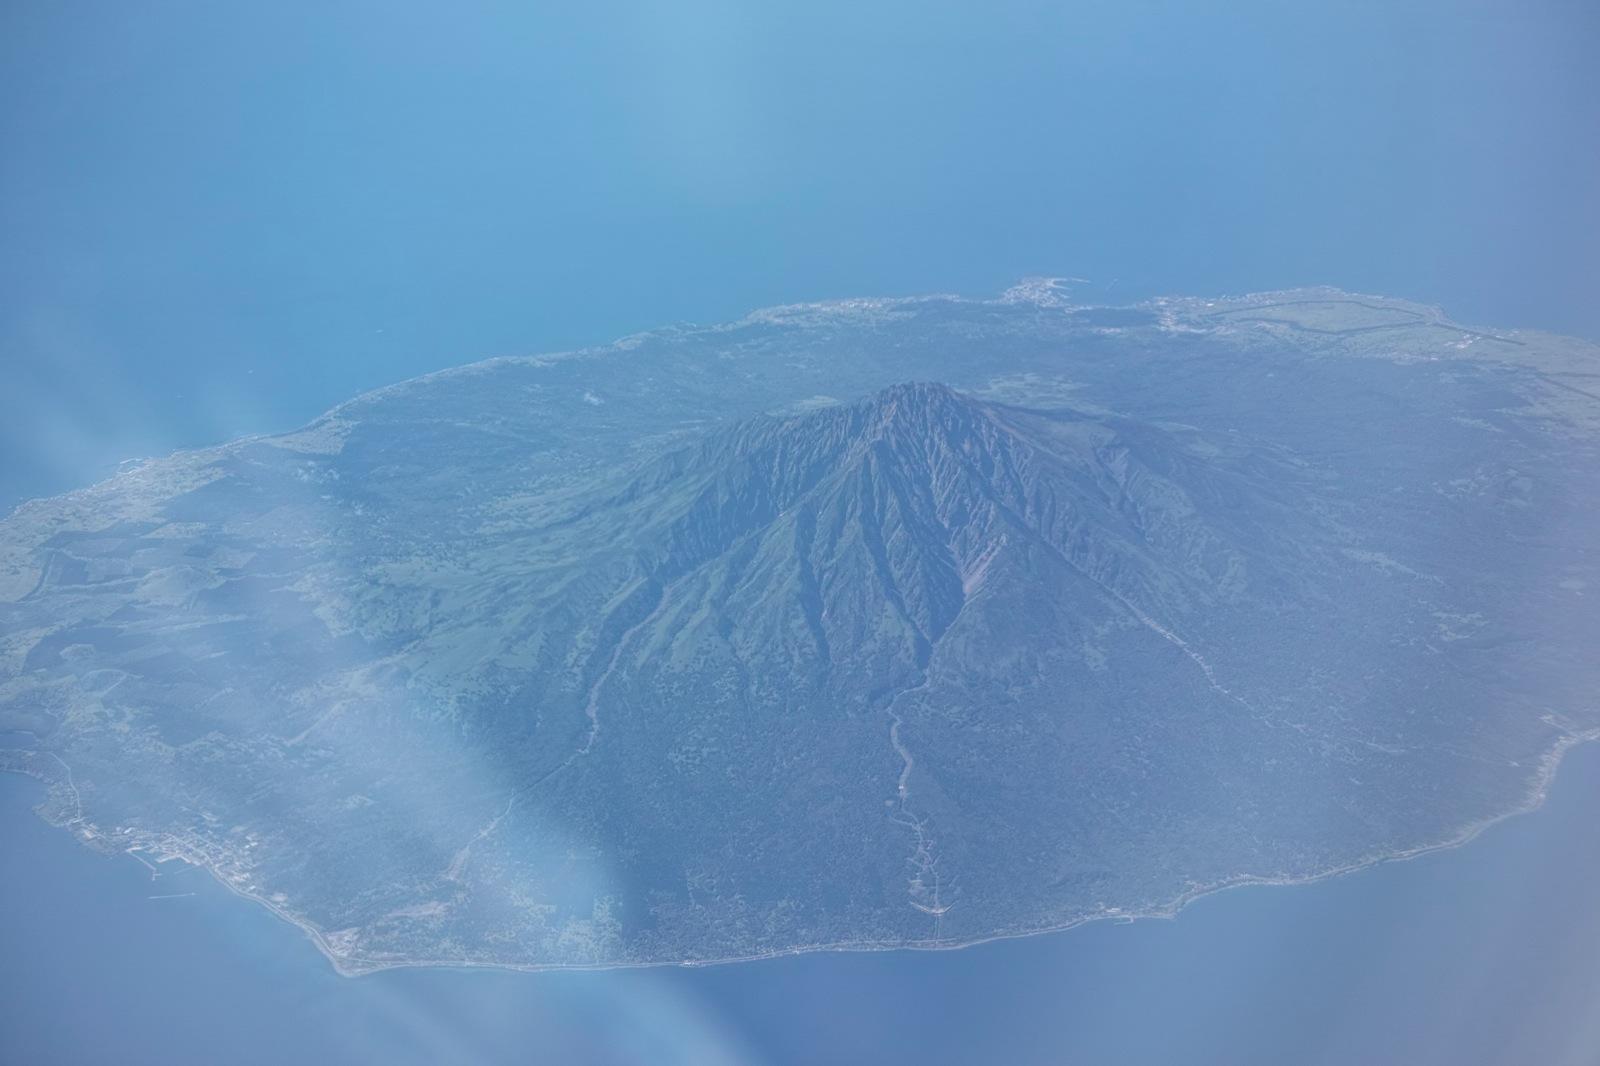 飛行機からの眺め_d0133581_12490.jpg